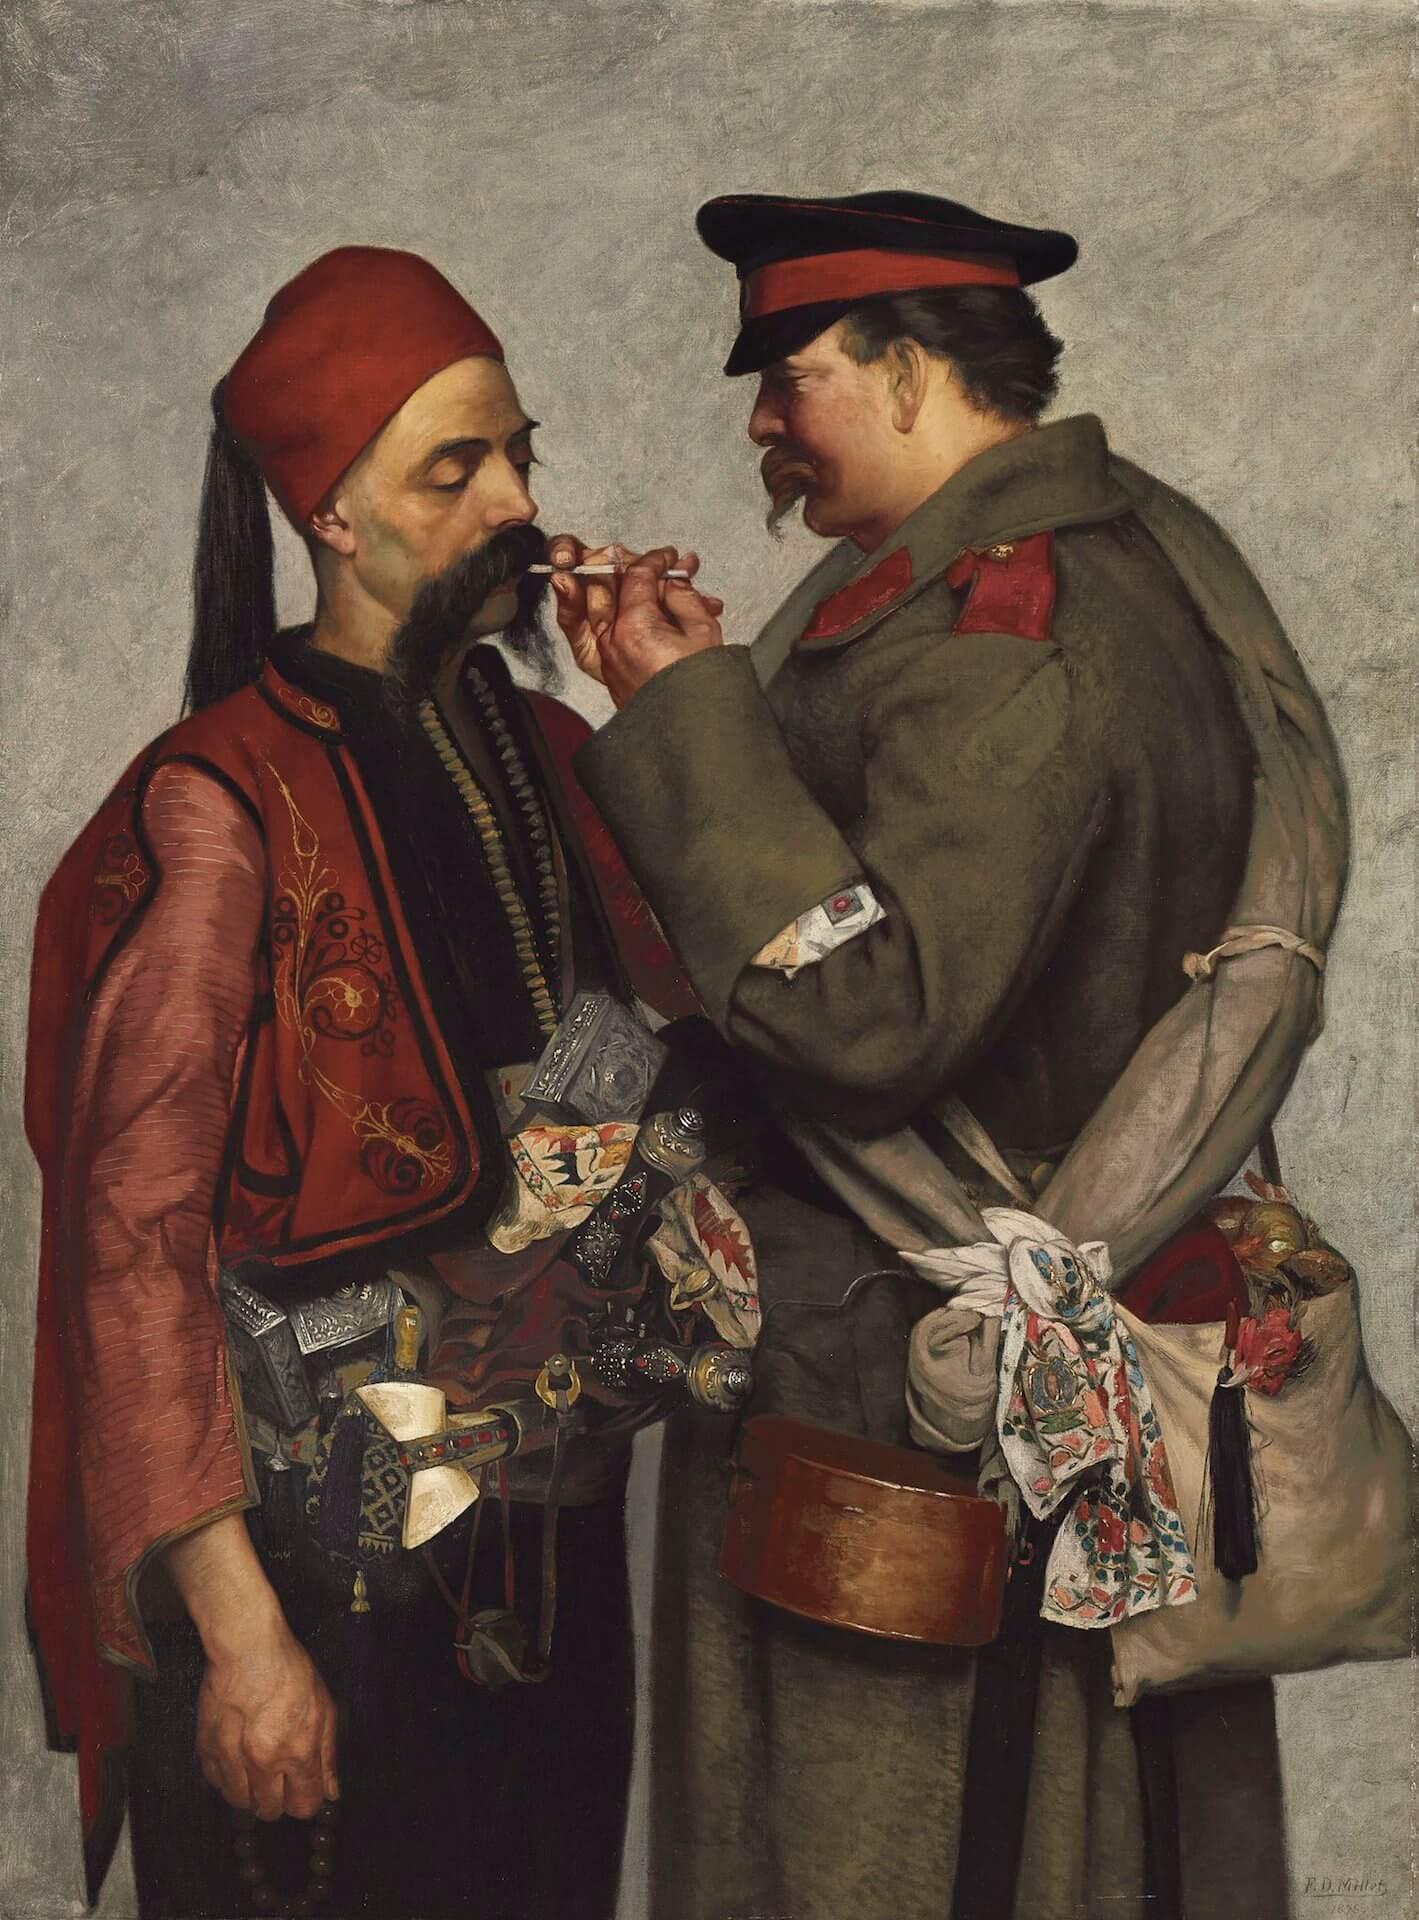 guerra ruso-turca de 1877-1878